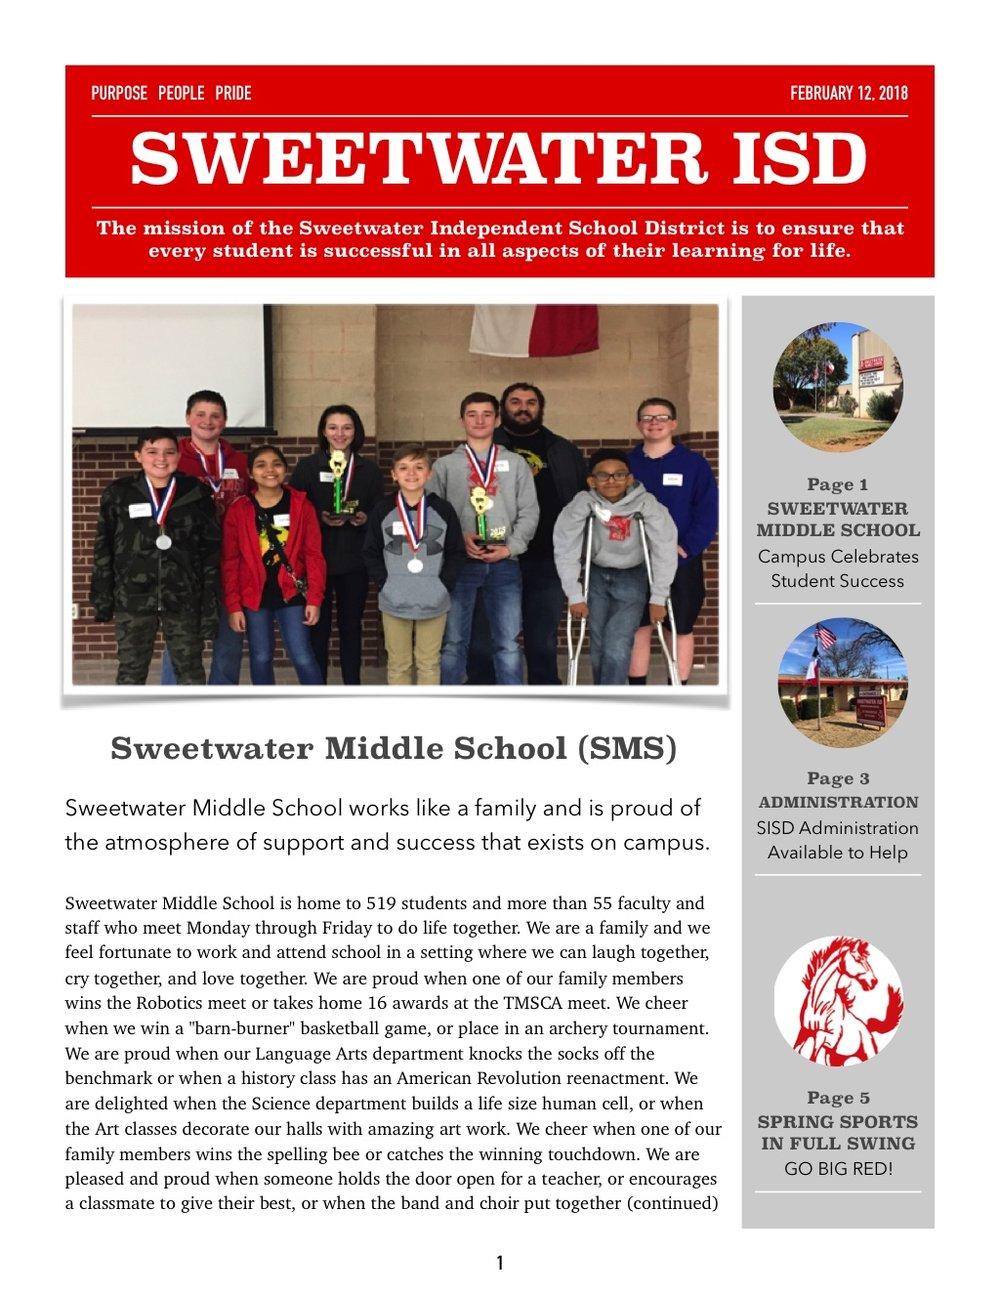 Sweetwater ISD Newsletter February 2018-1.jpg